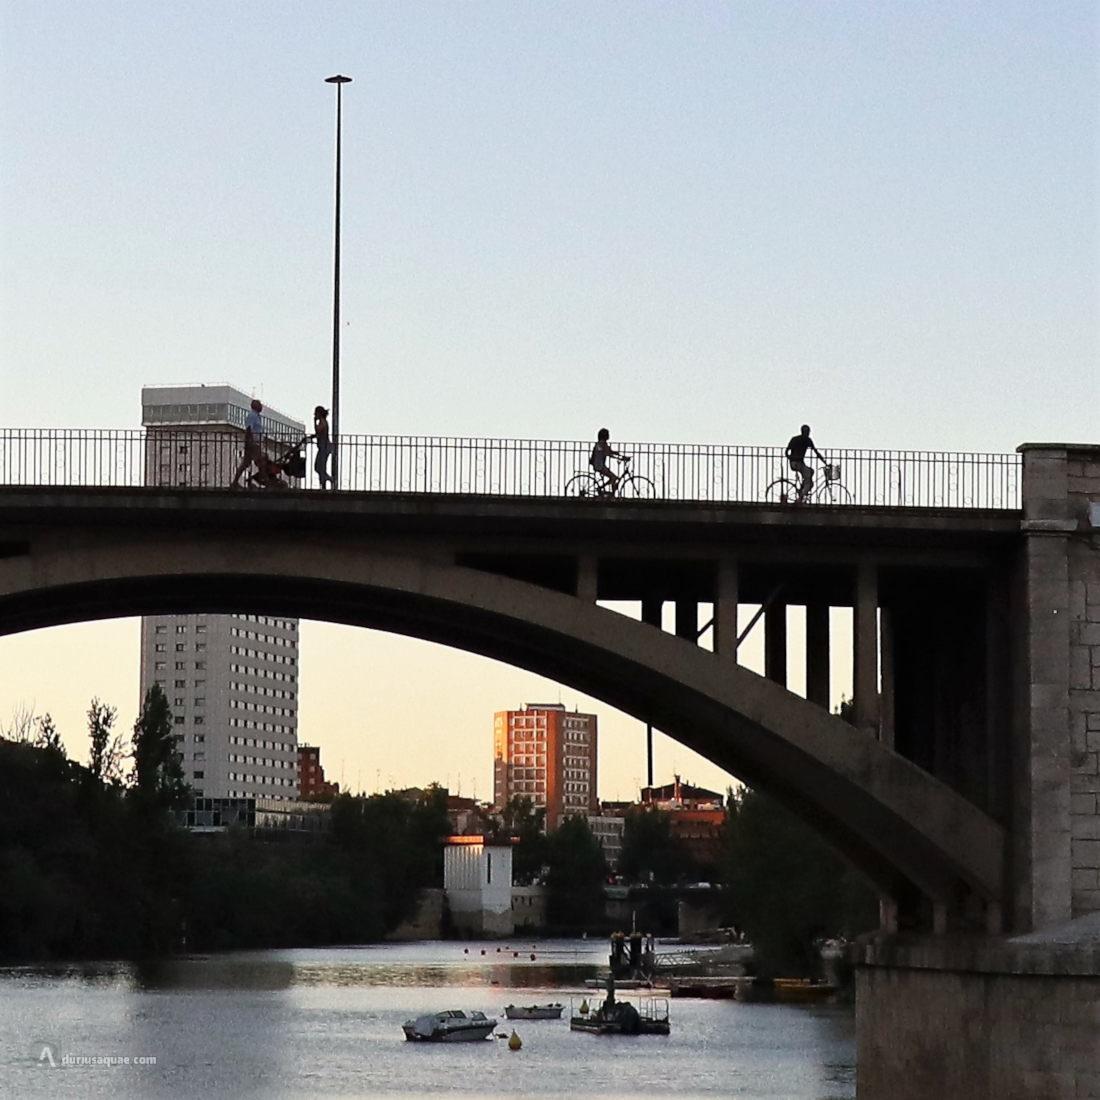 Puente de Isabel la Católica, Valladolid